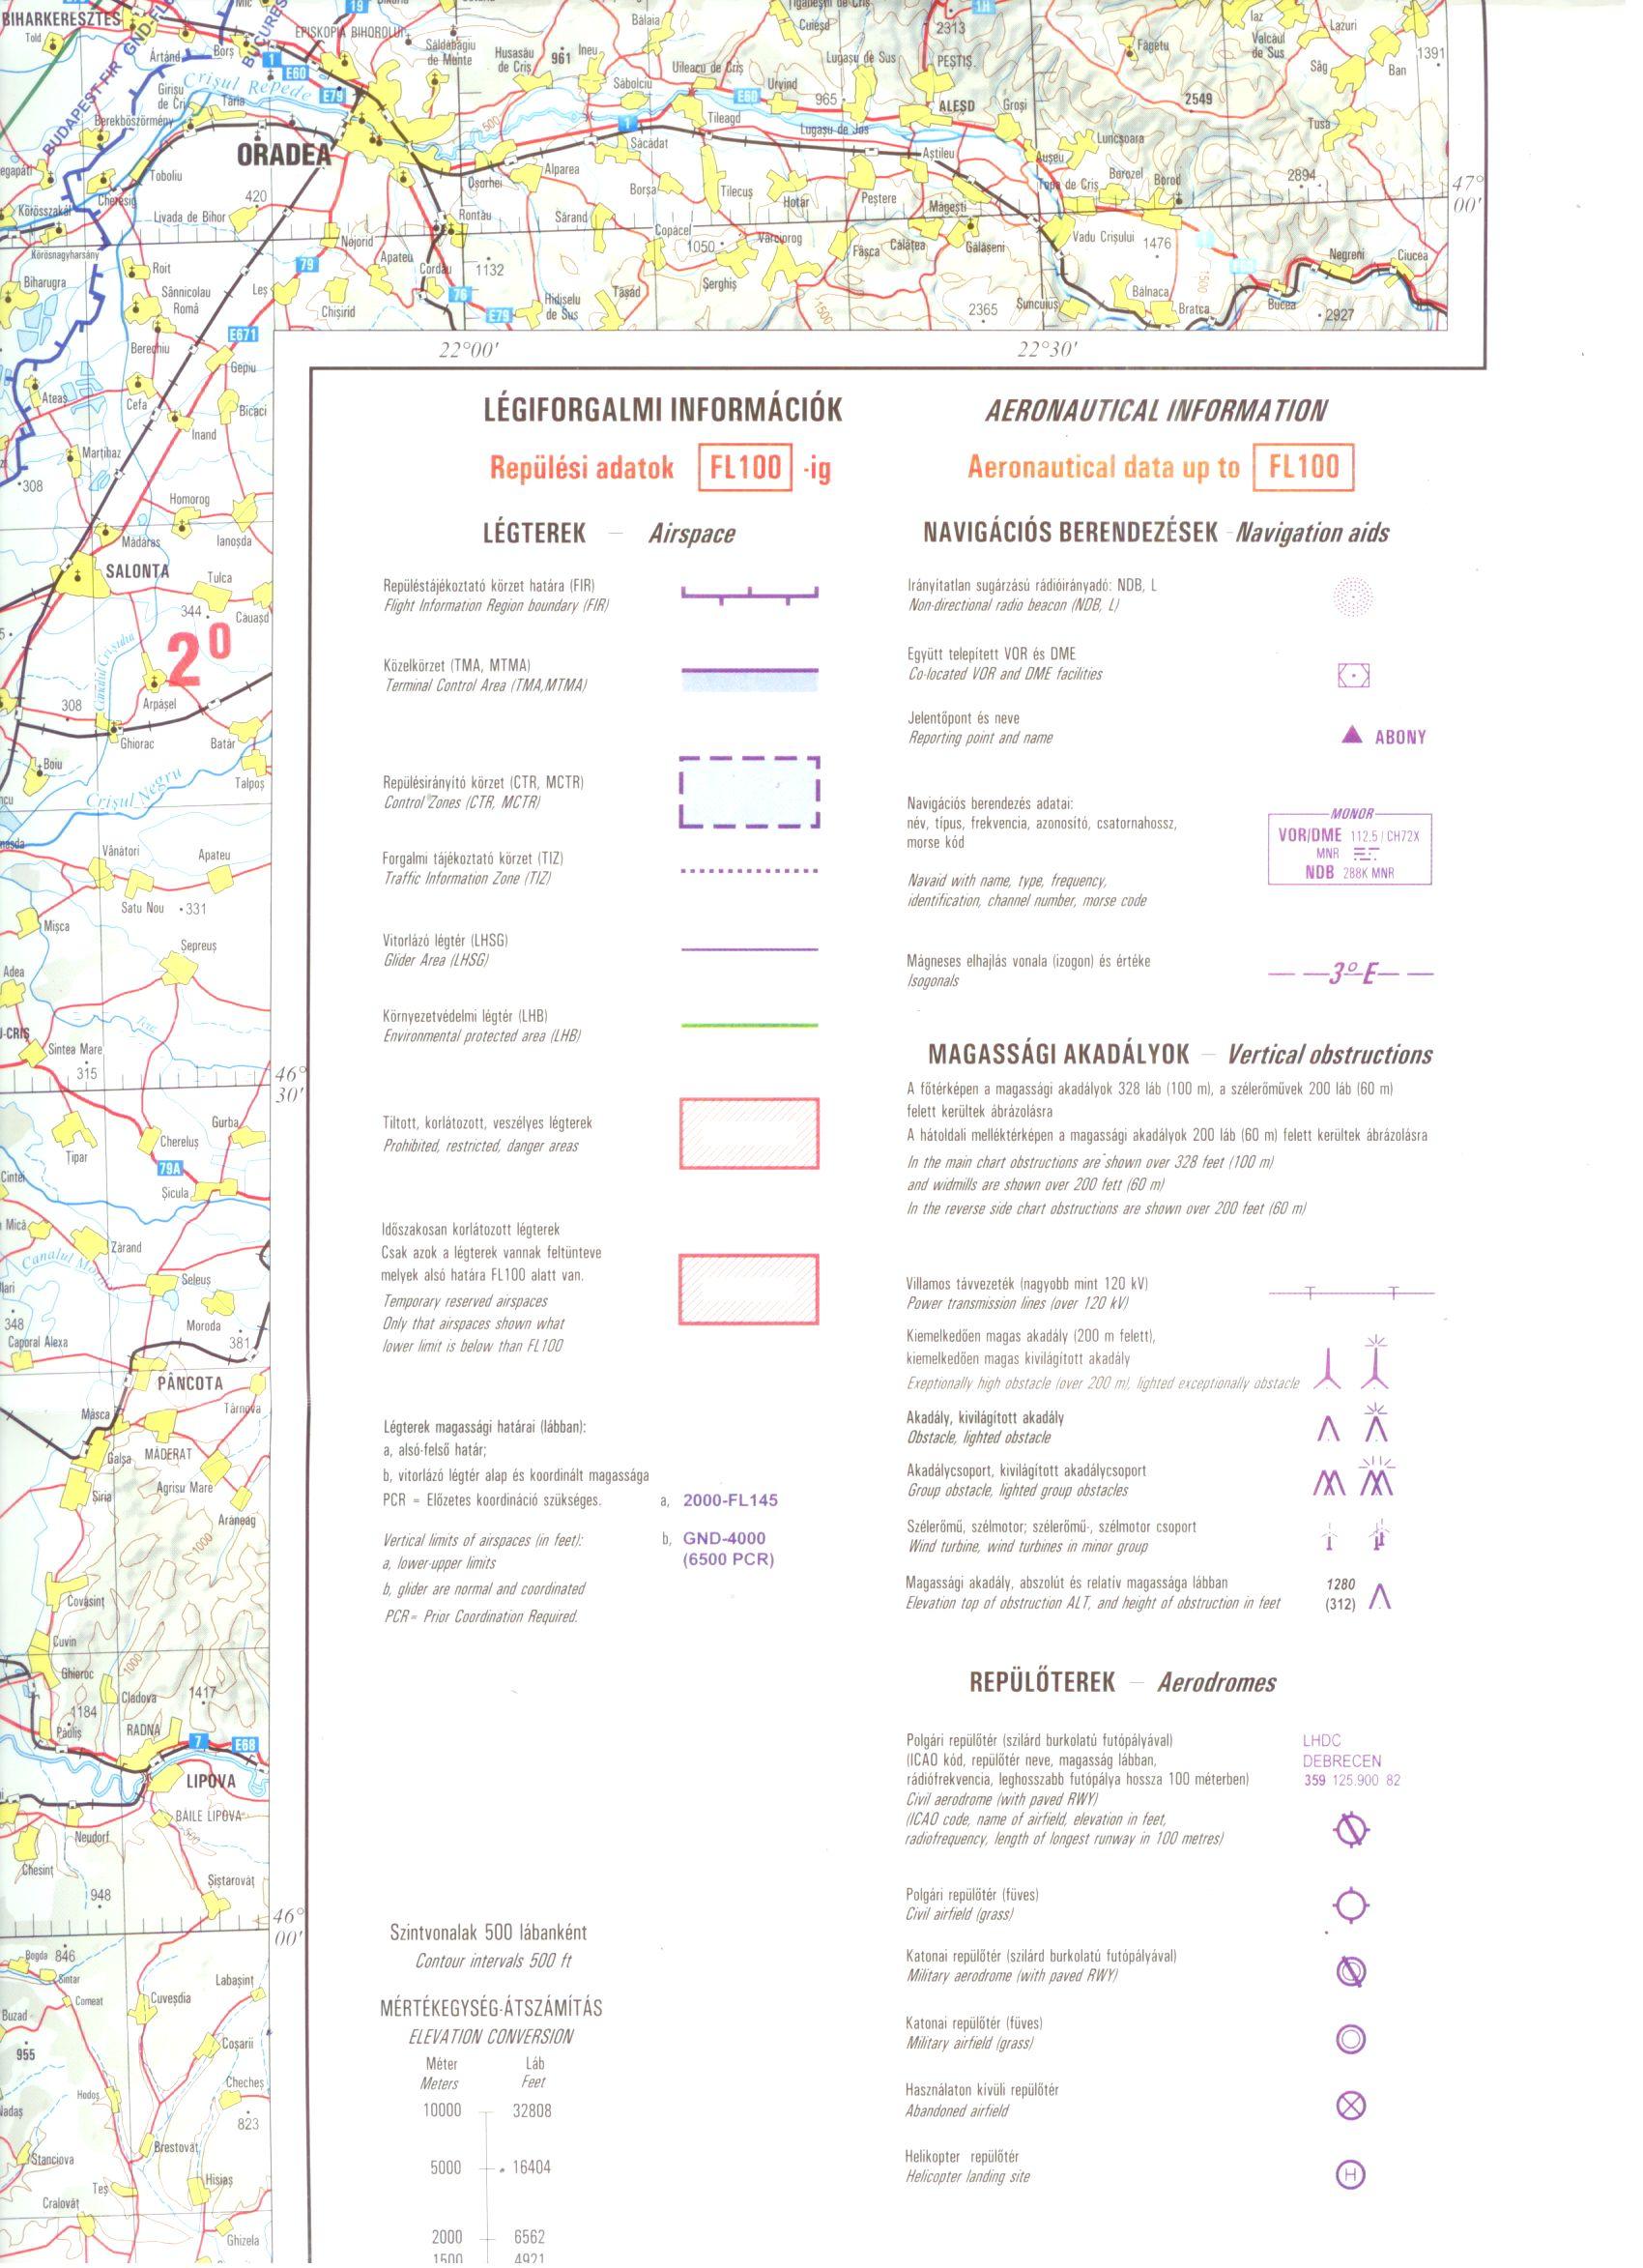 Magyarország léginavigációs térkép (jelmagyarázat)